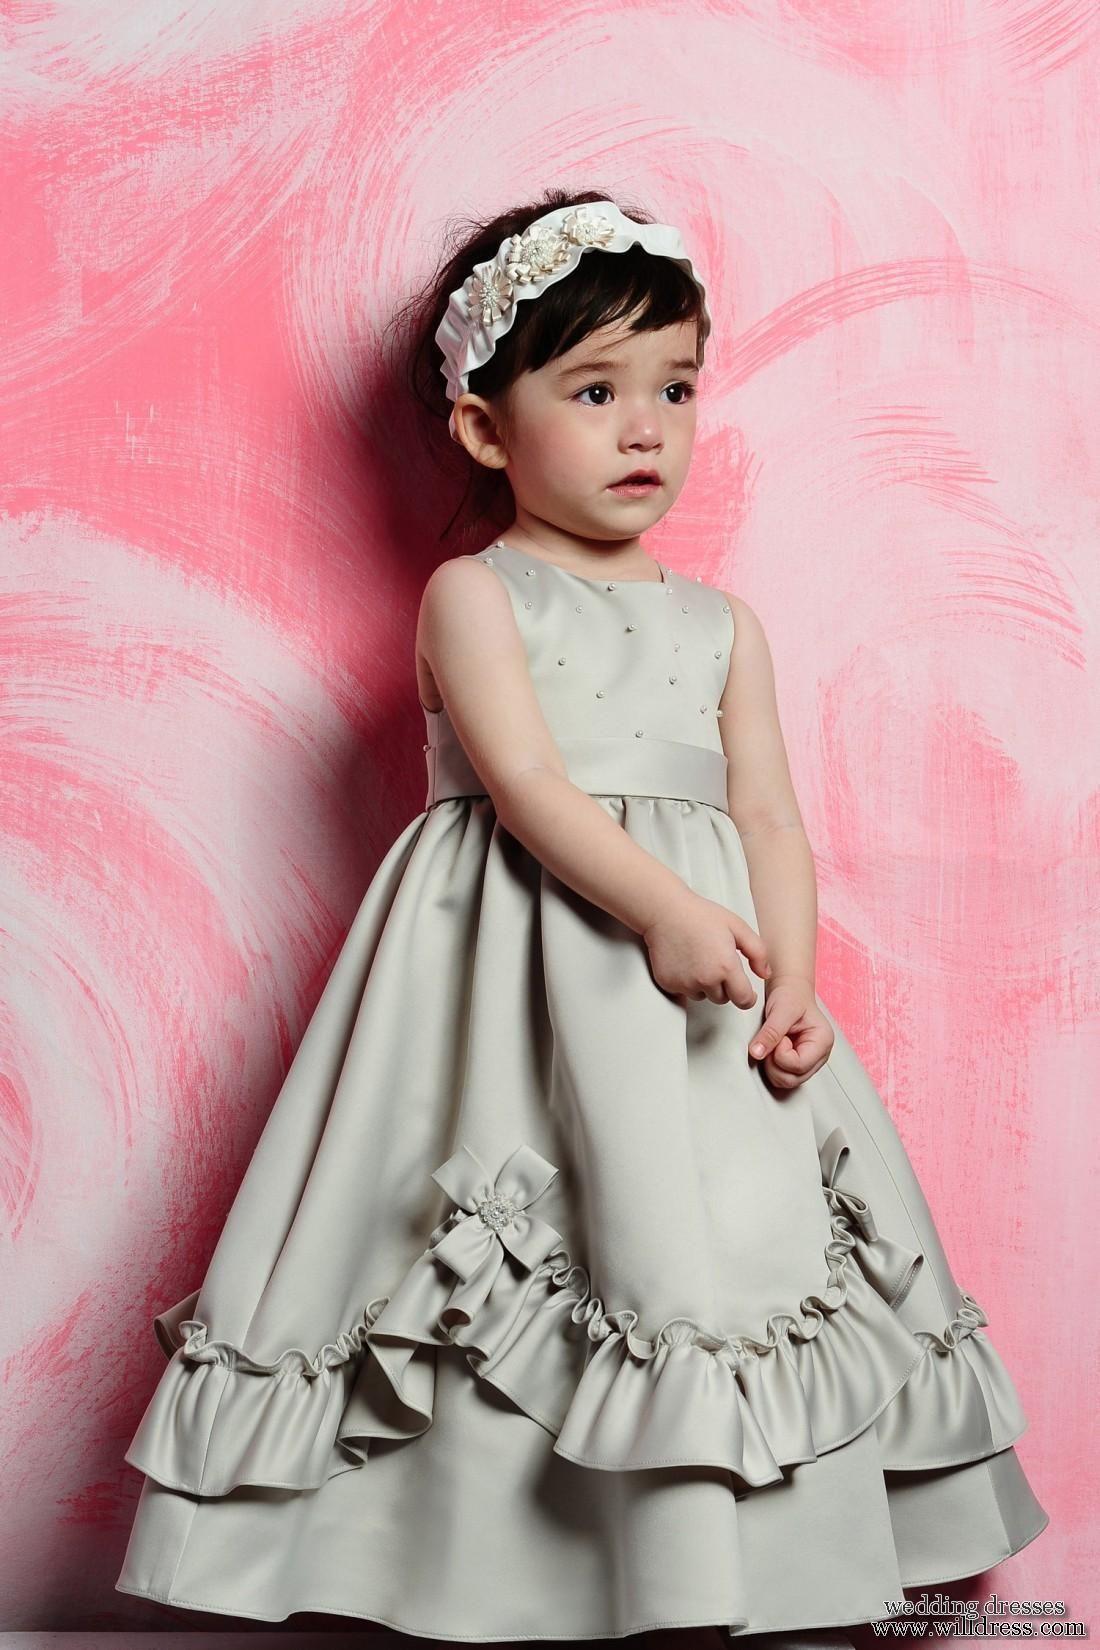 Fotos de vestidos para niñas- Cortejo de bodas | kids | Pinterest ...